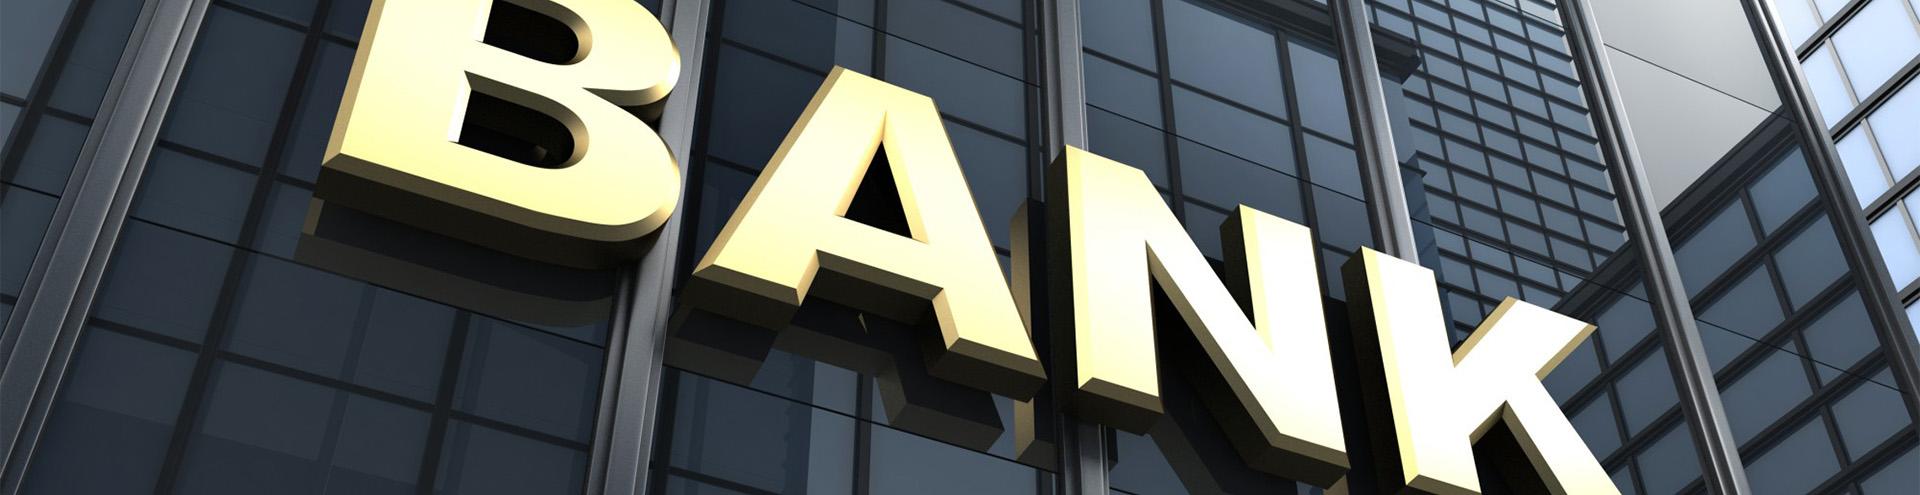 Споры с банками в Челябинске и Челябинской области